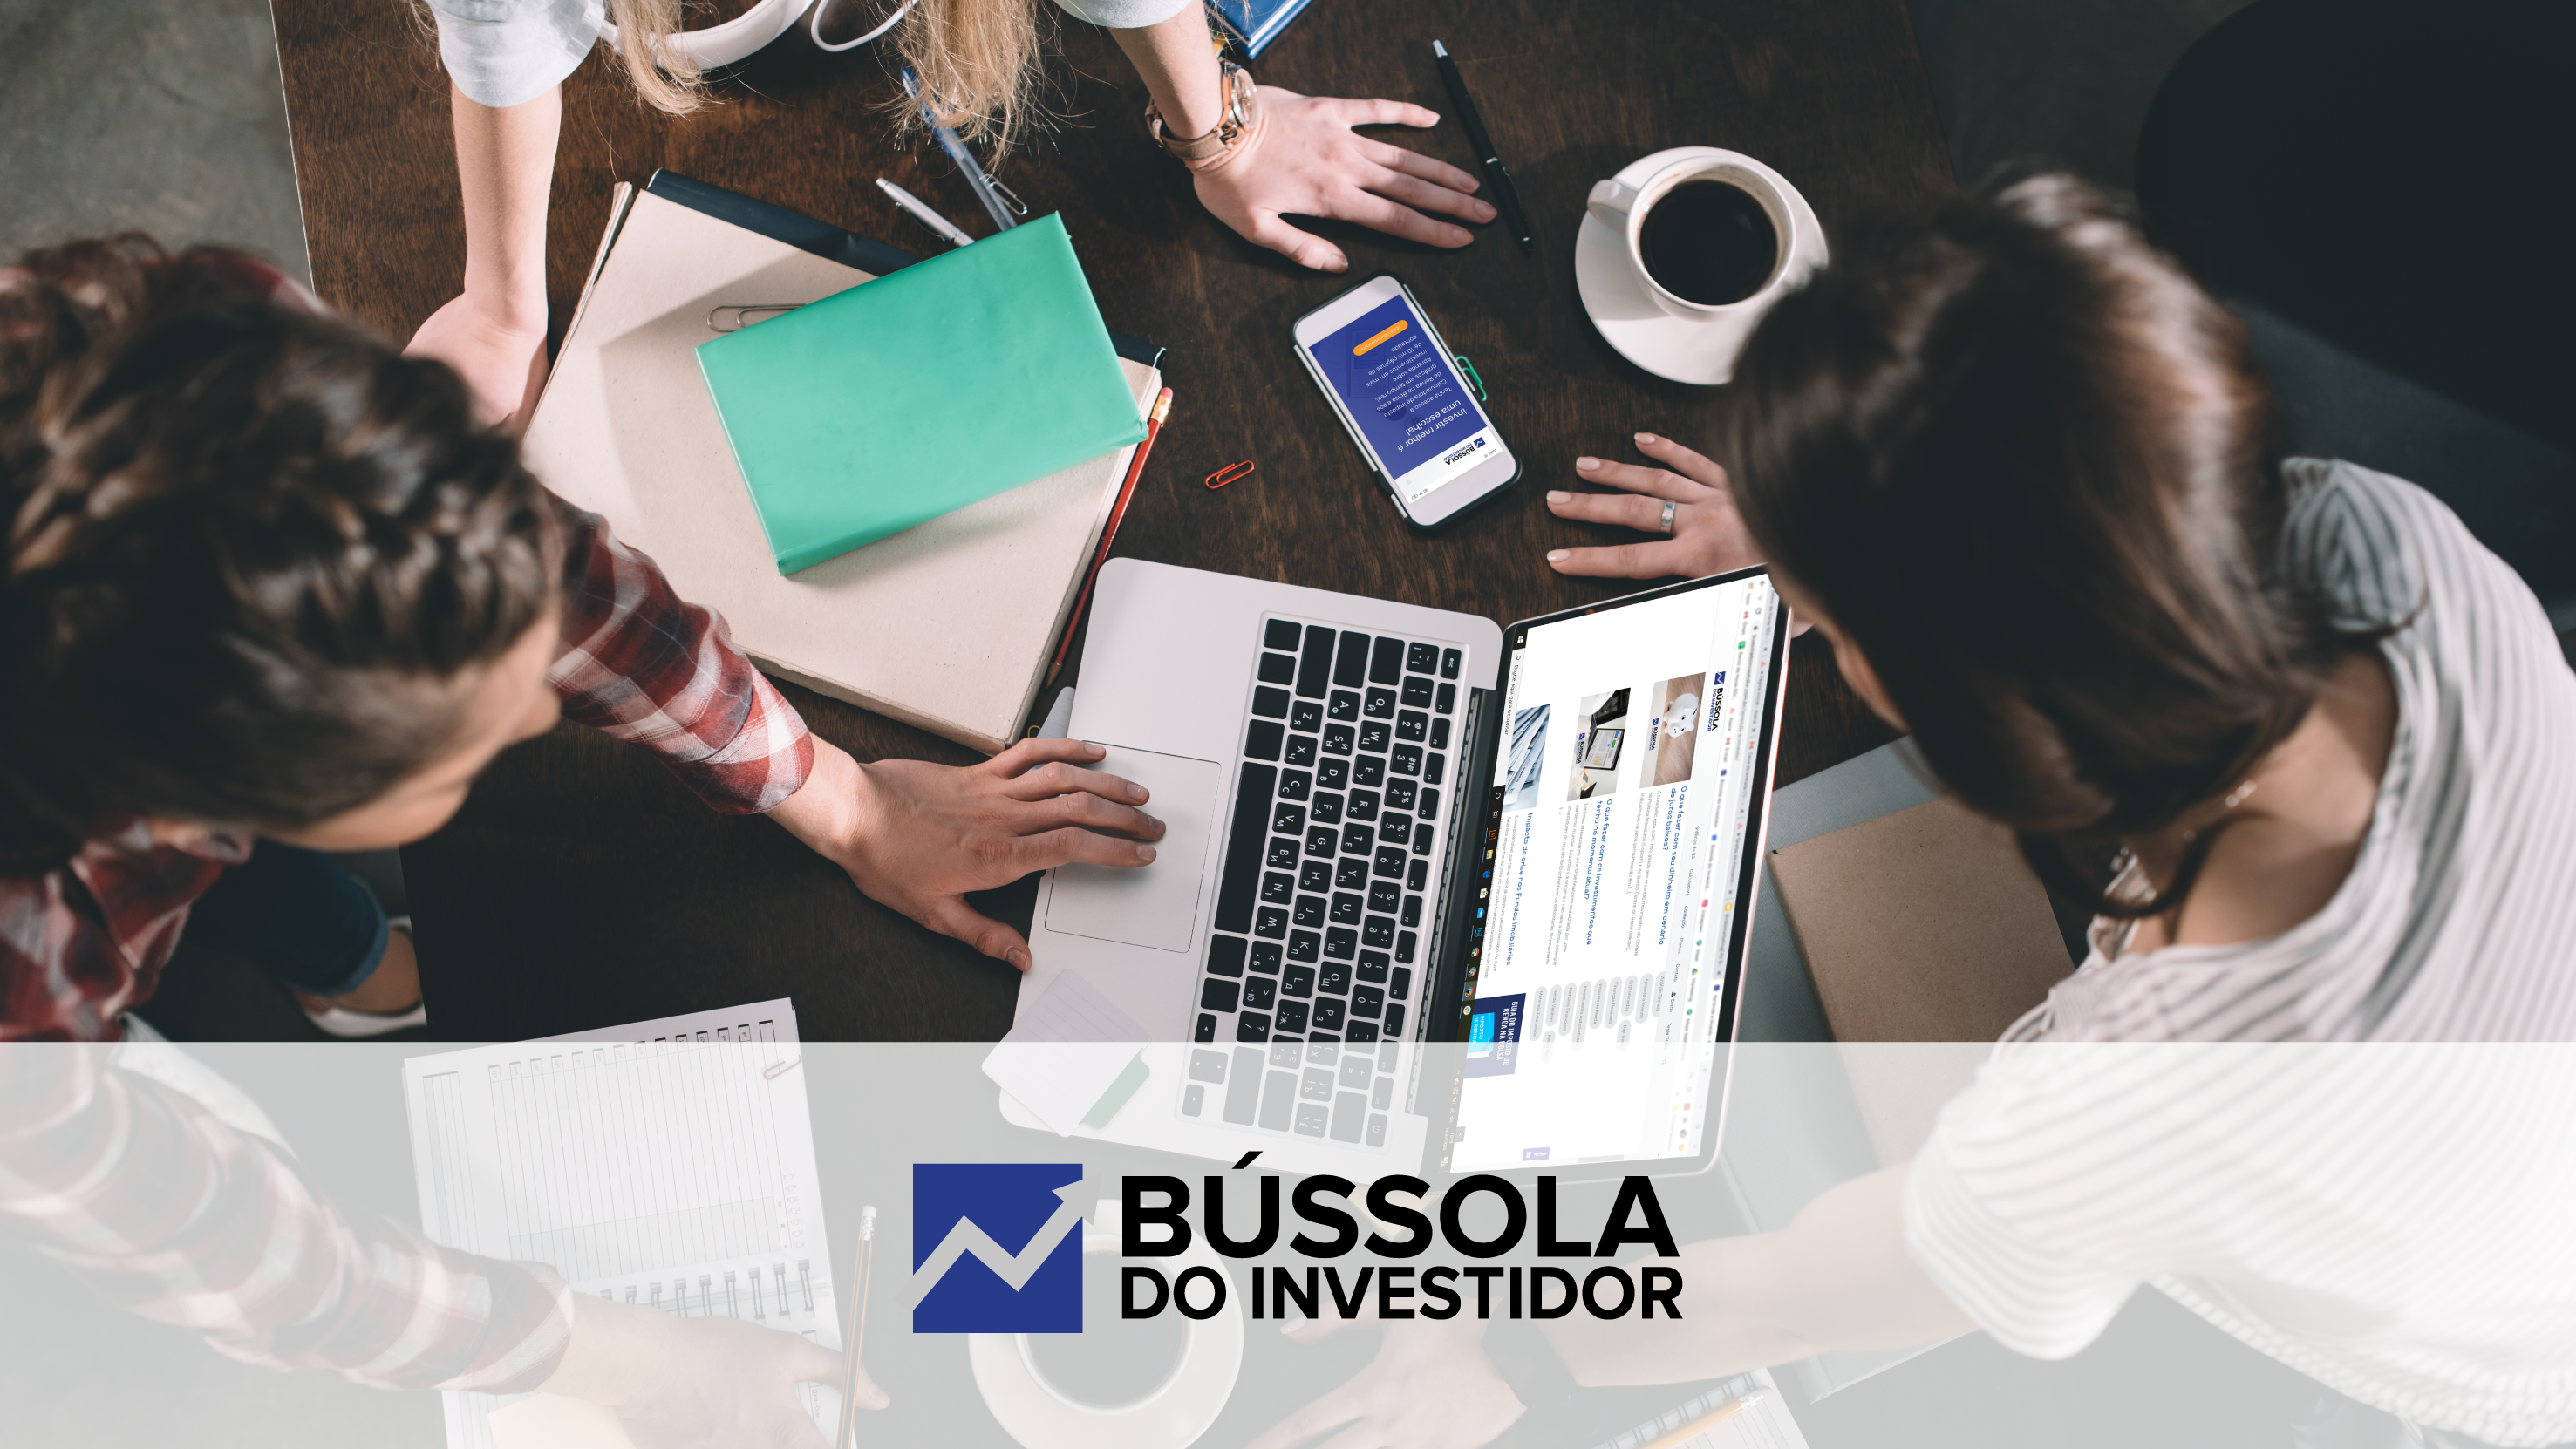 Três jovens reunidos lendo sobre estratégia de investimento no blog da Bússola